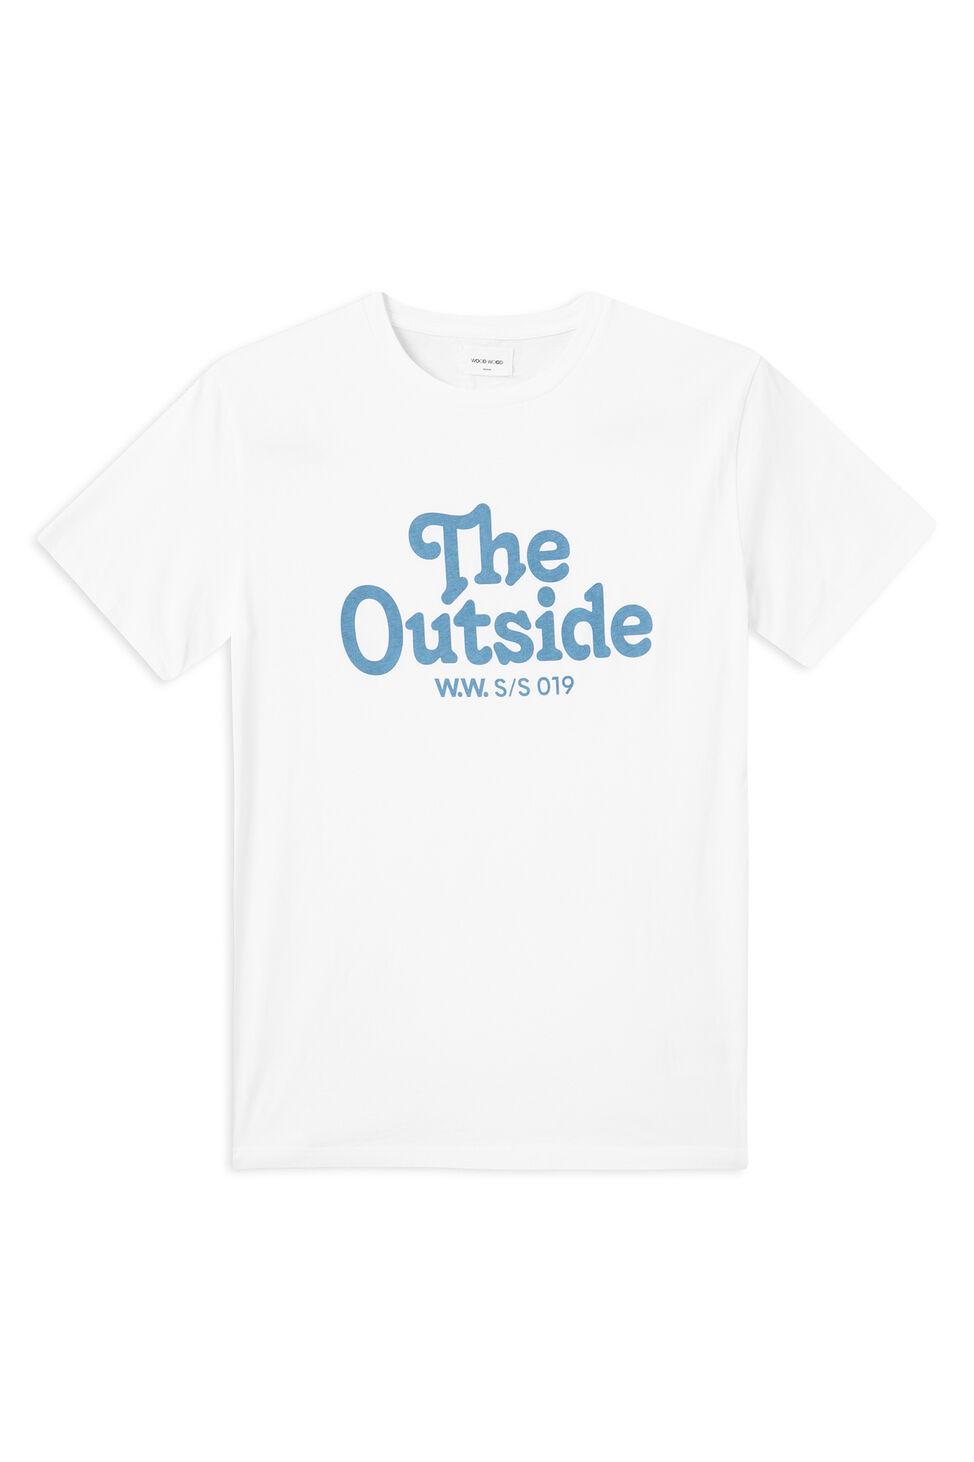 The outside 11915719-2334